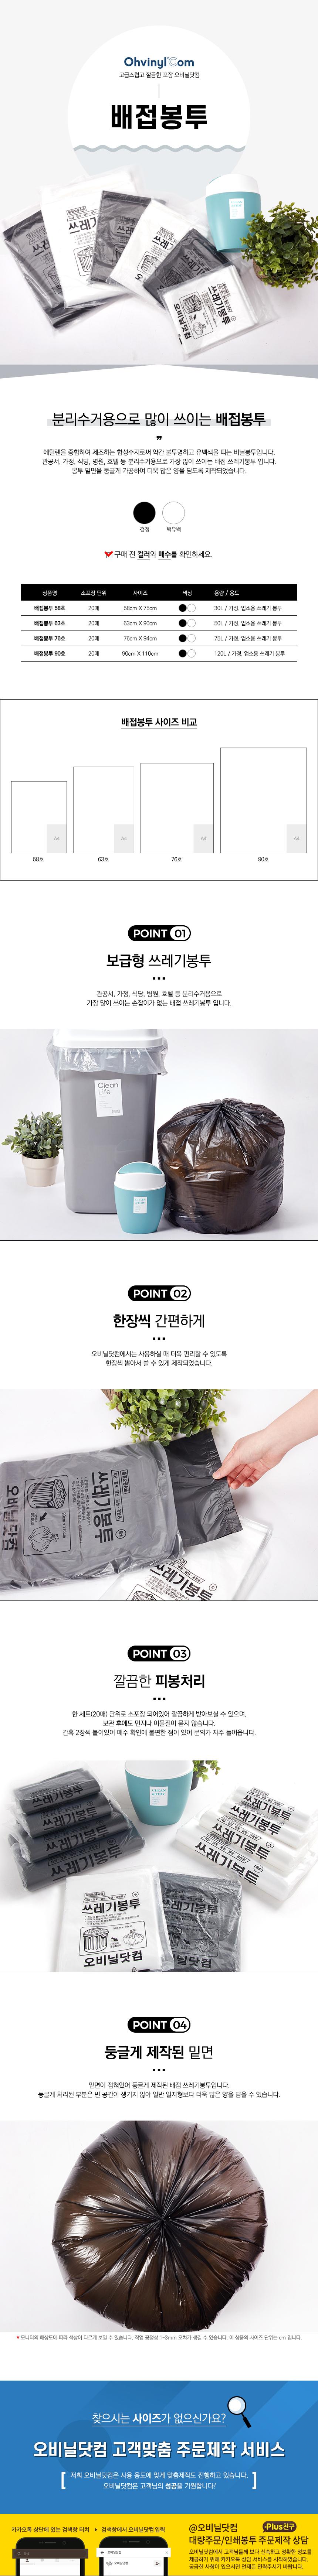 배접봉투 63호 (63x90) 검정 20매 - 오비닐닷컴, 1,040원, 음식보관, 비닐류